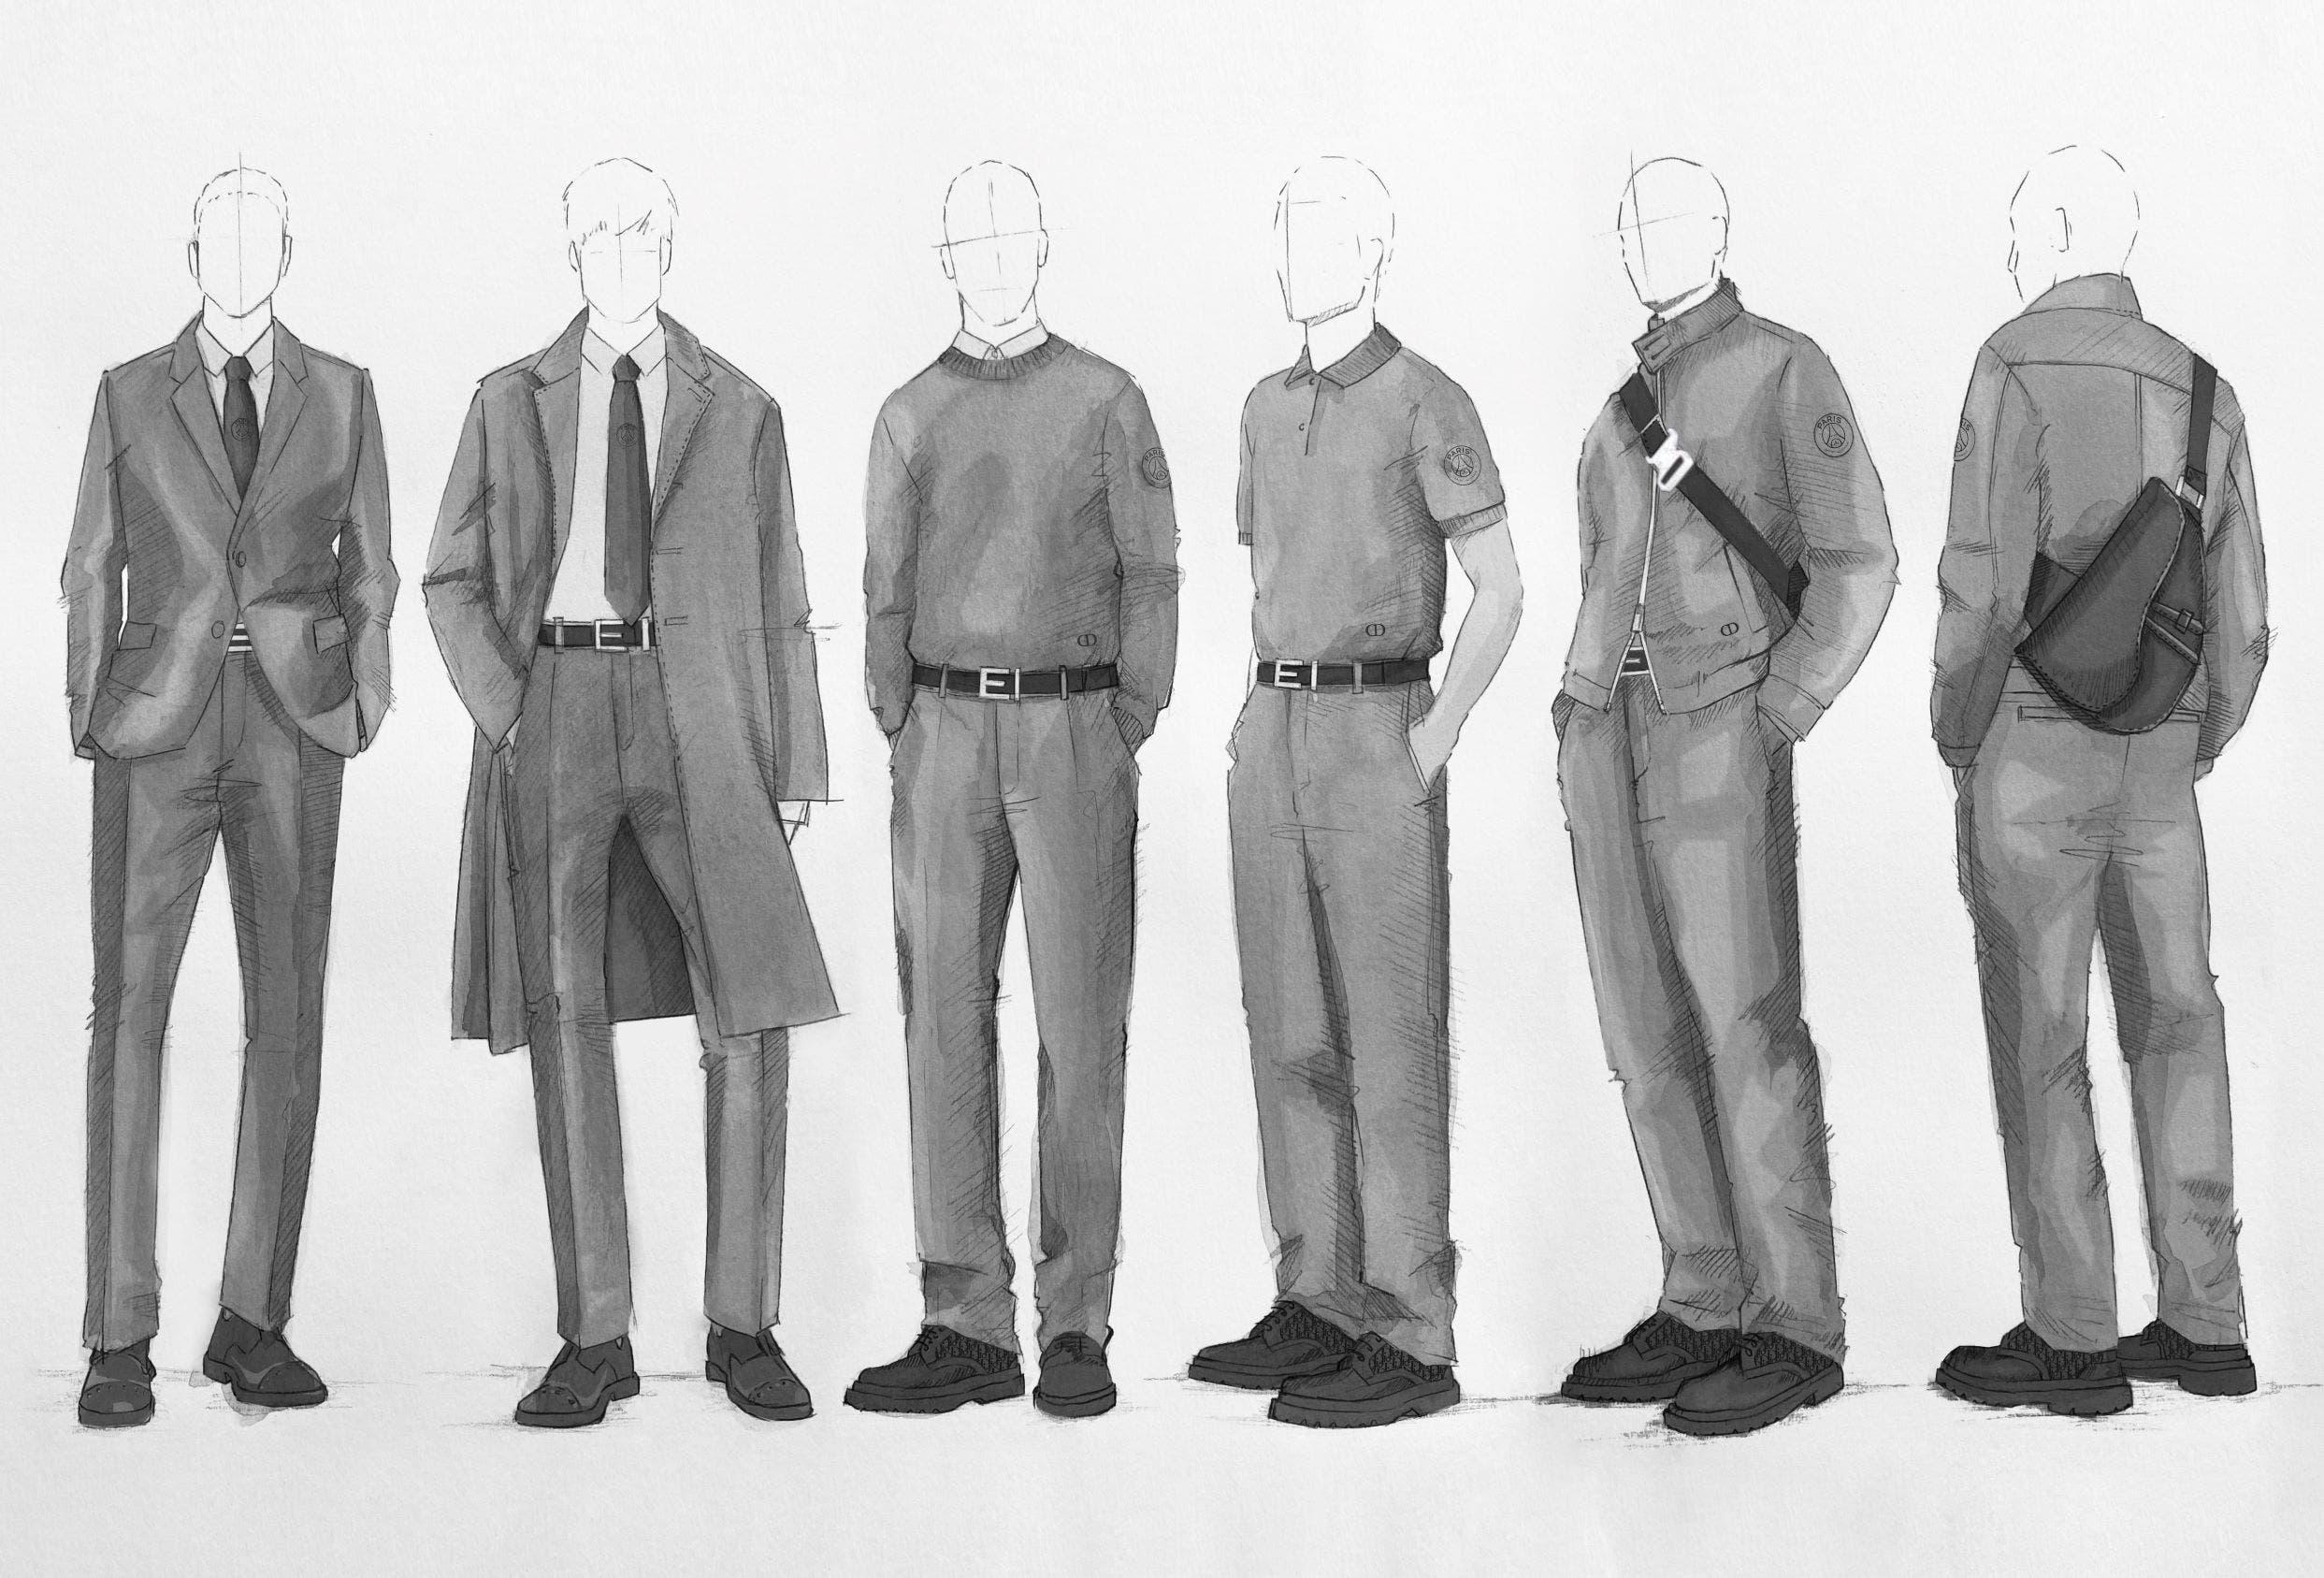 تصميم البدلات والأزياء الكاجوال من ديور